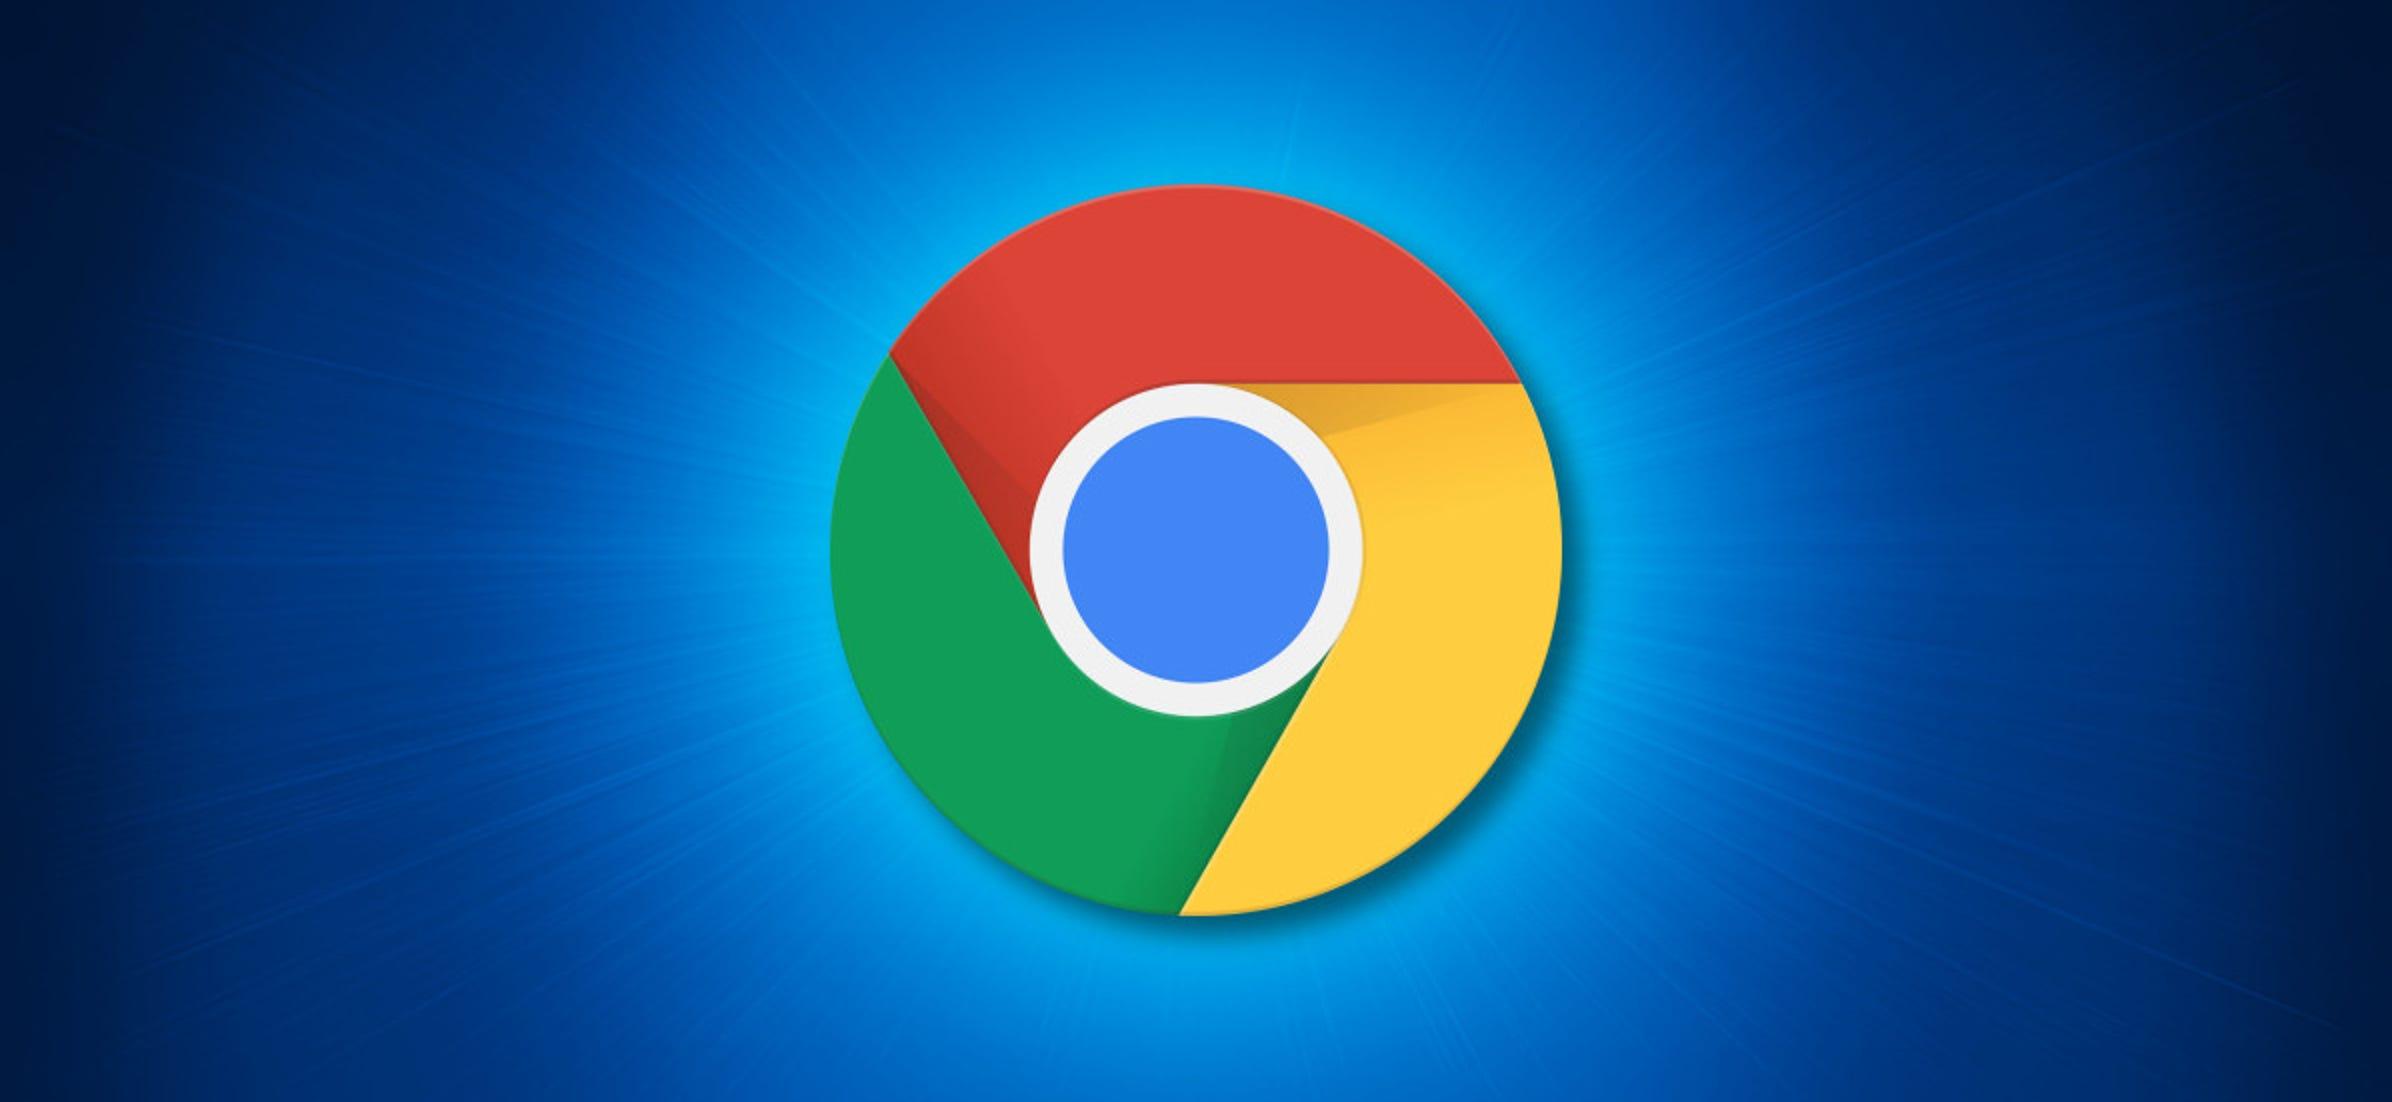 Cómo crear un enlace al texto seleccionado en Chrome